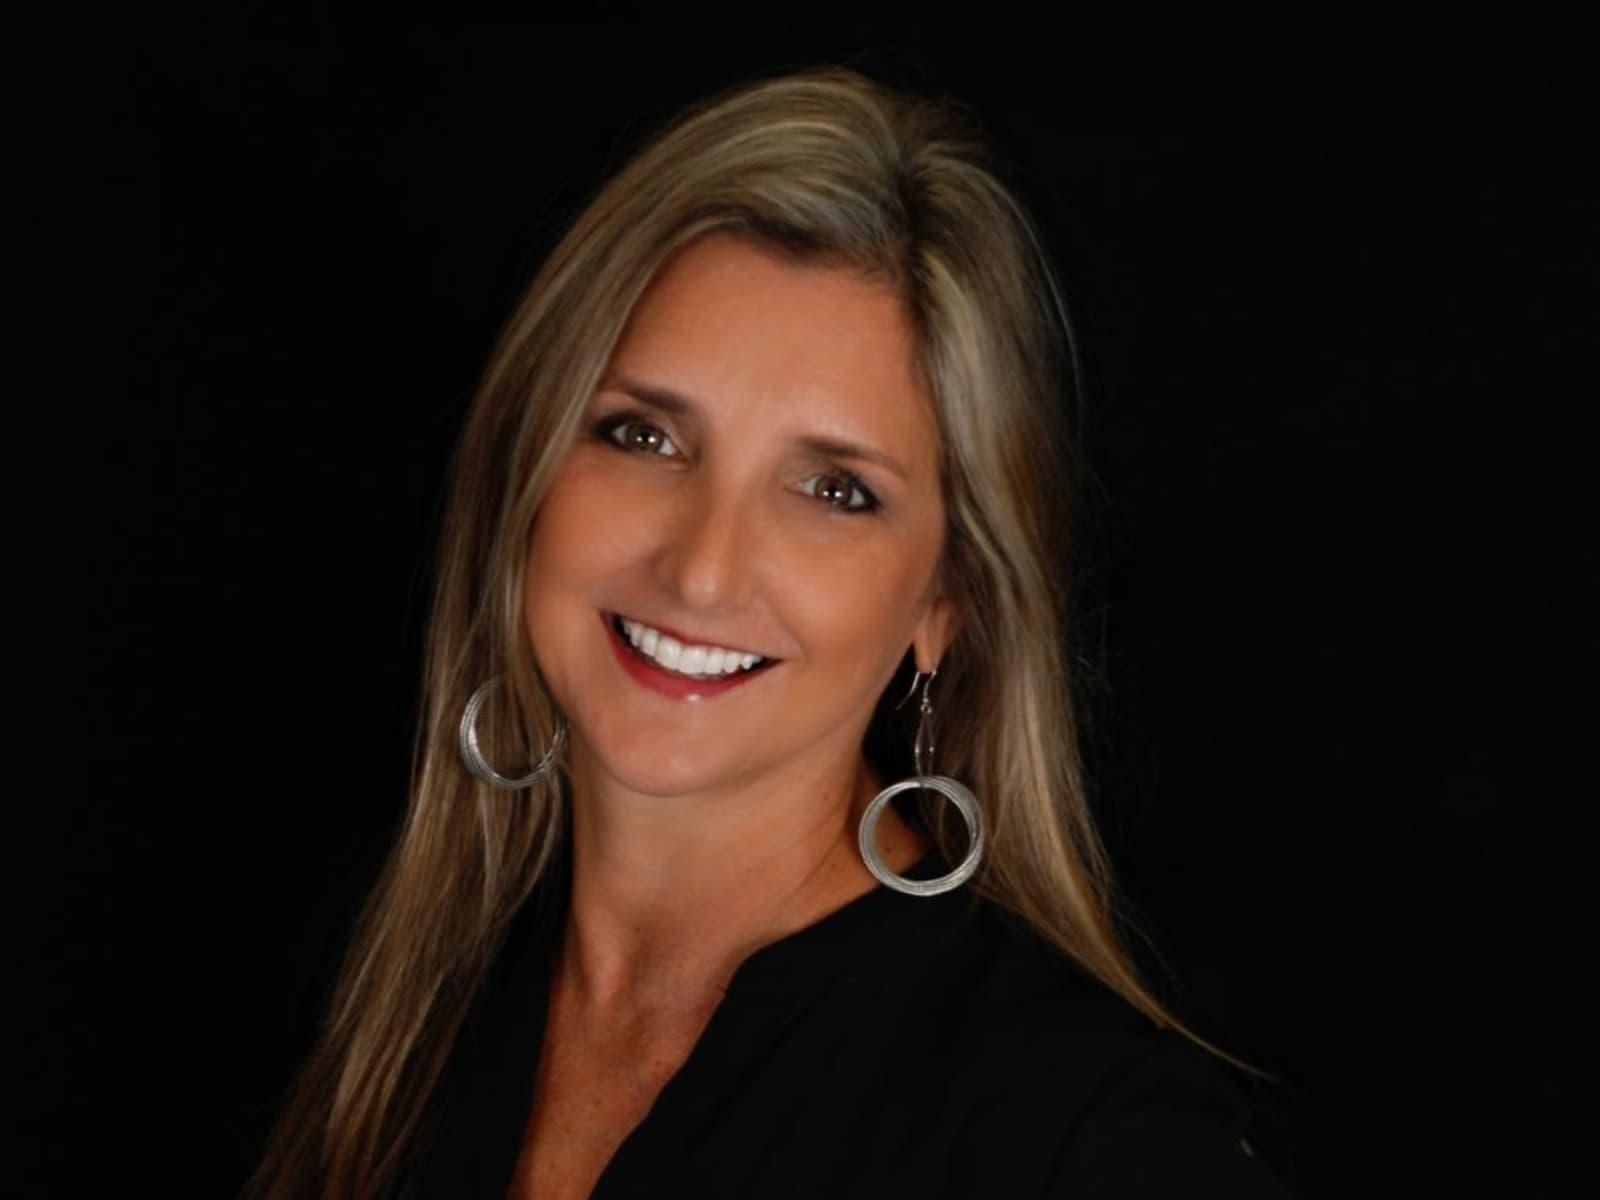 Karen from Sarasota, Florida, United States